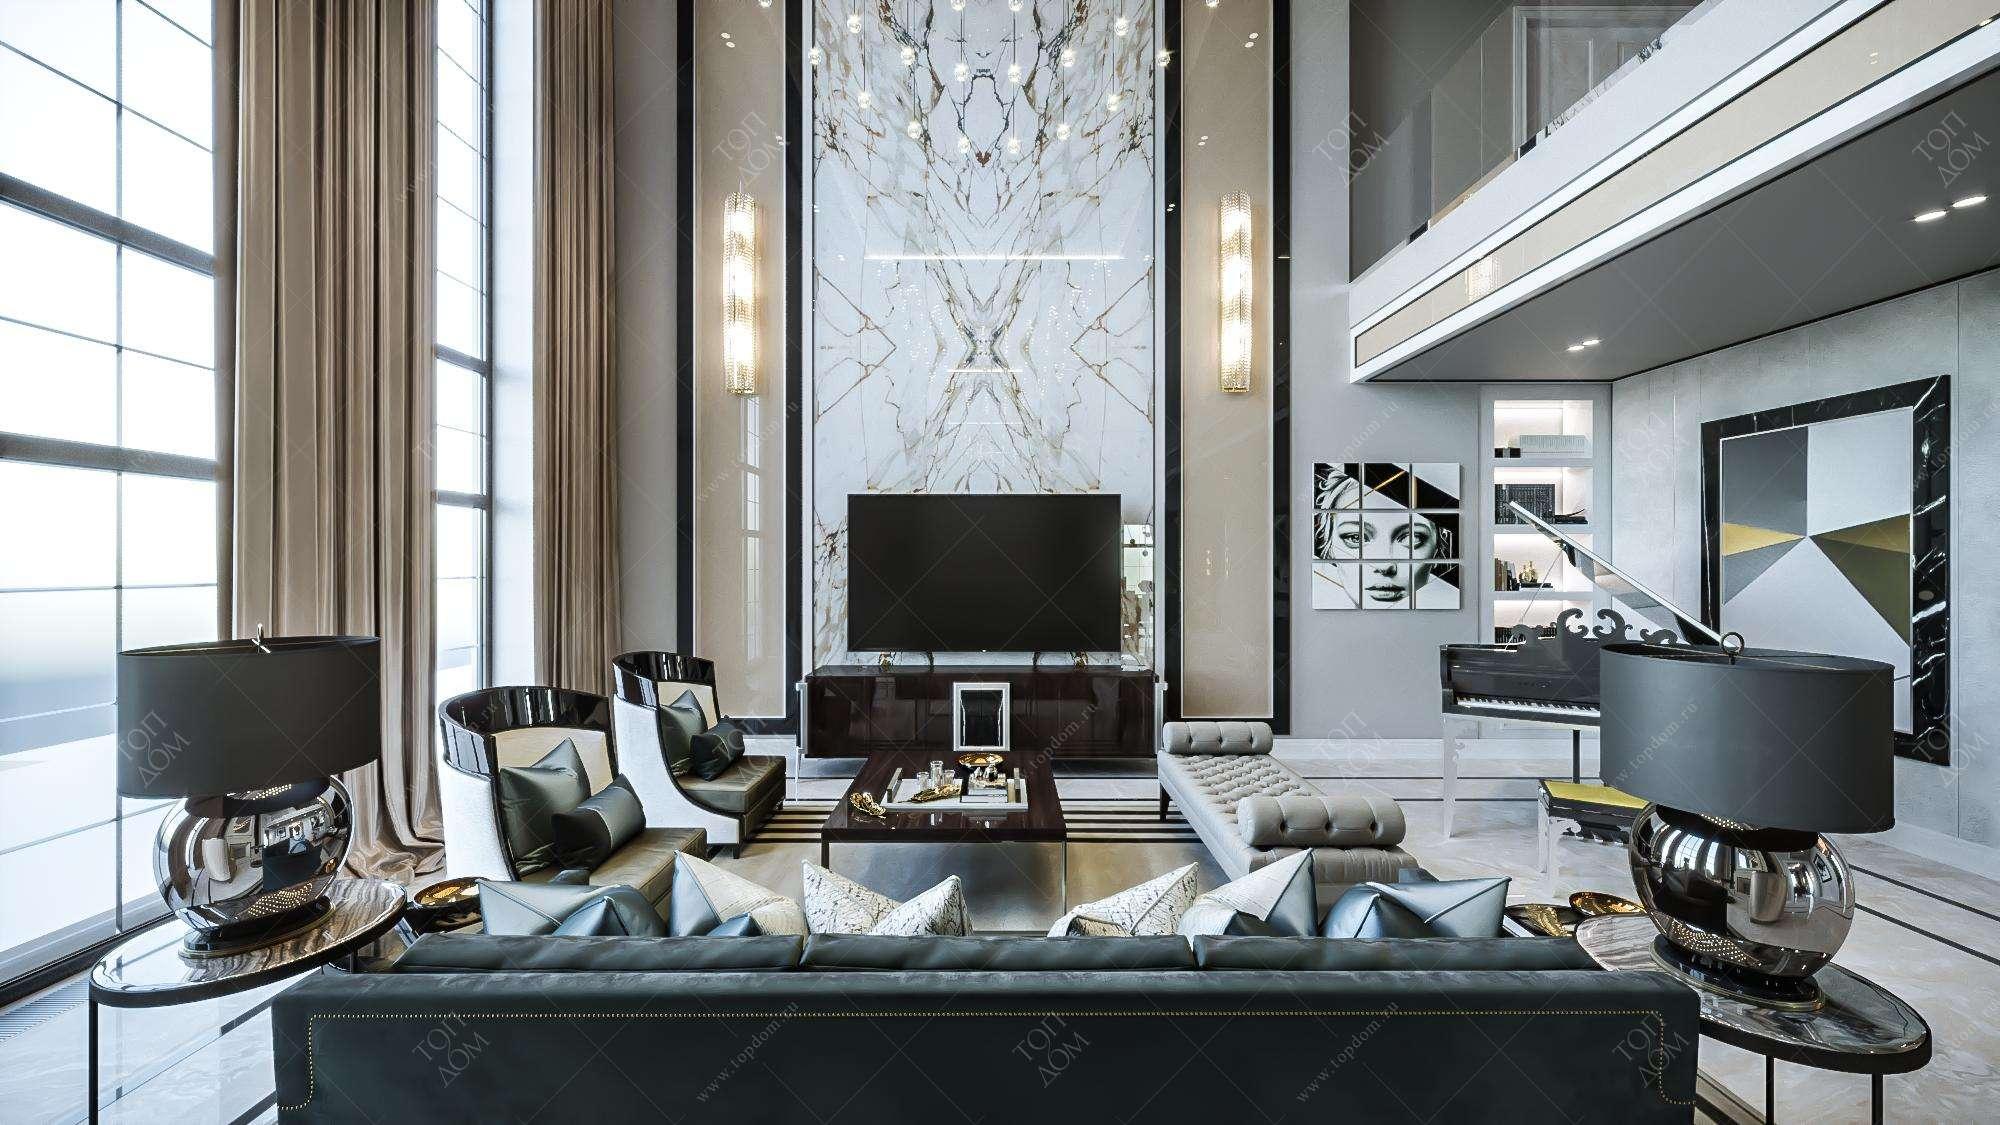 Дизайн интерьера квартиры | заказать проект москва | цена услуг студии